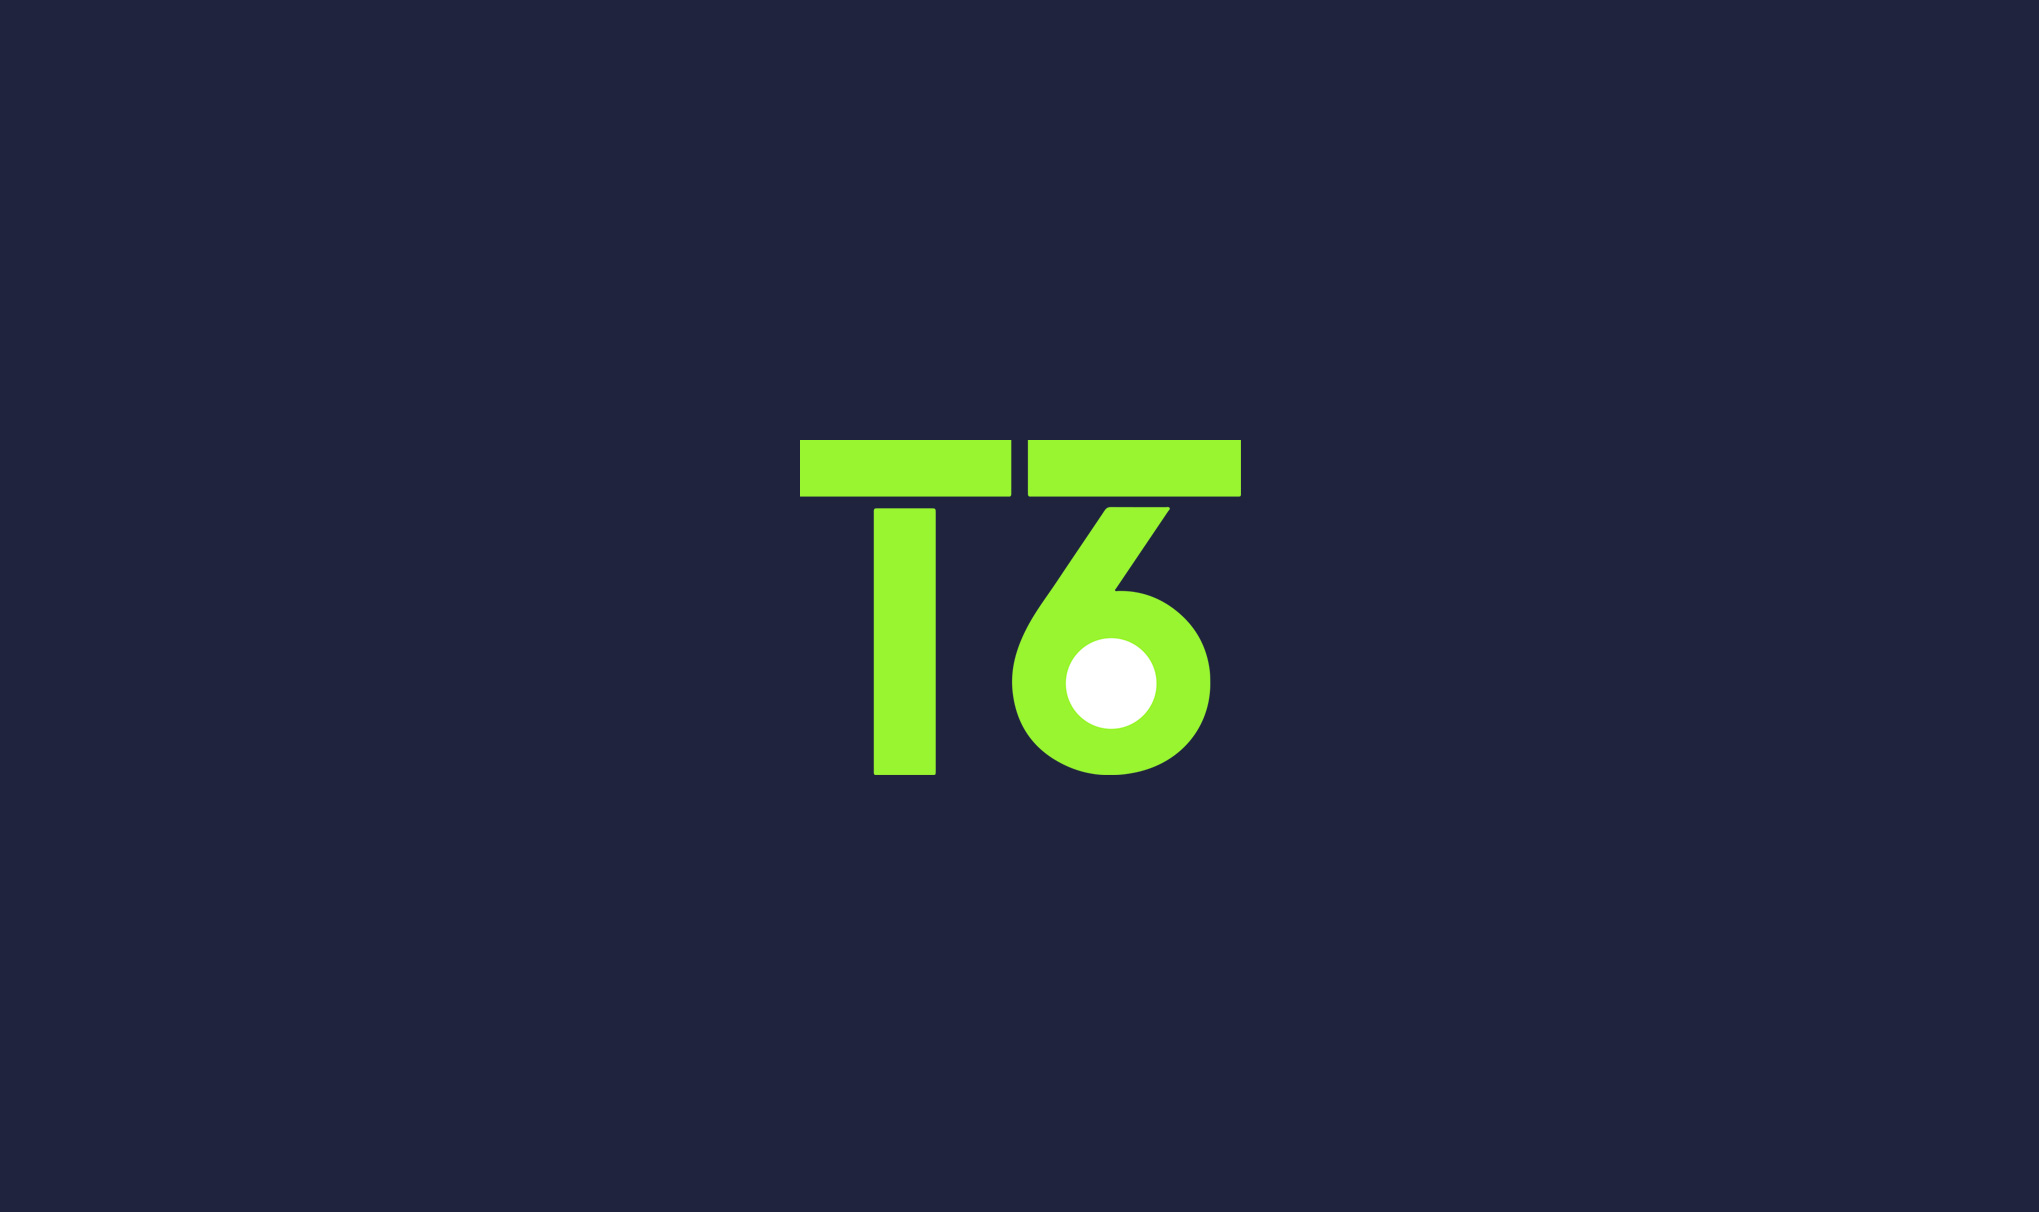 Quentin-paquignon-TT16-branding-identitévisuelle07.jpg